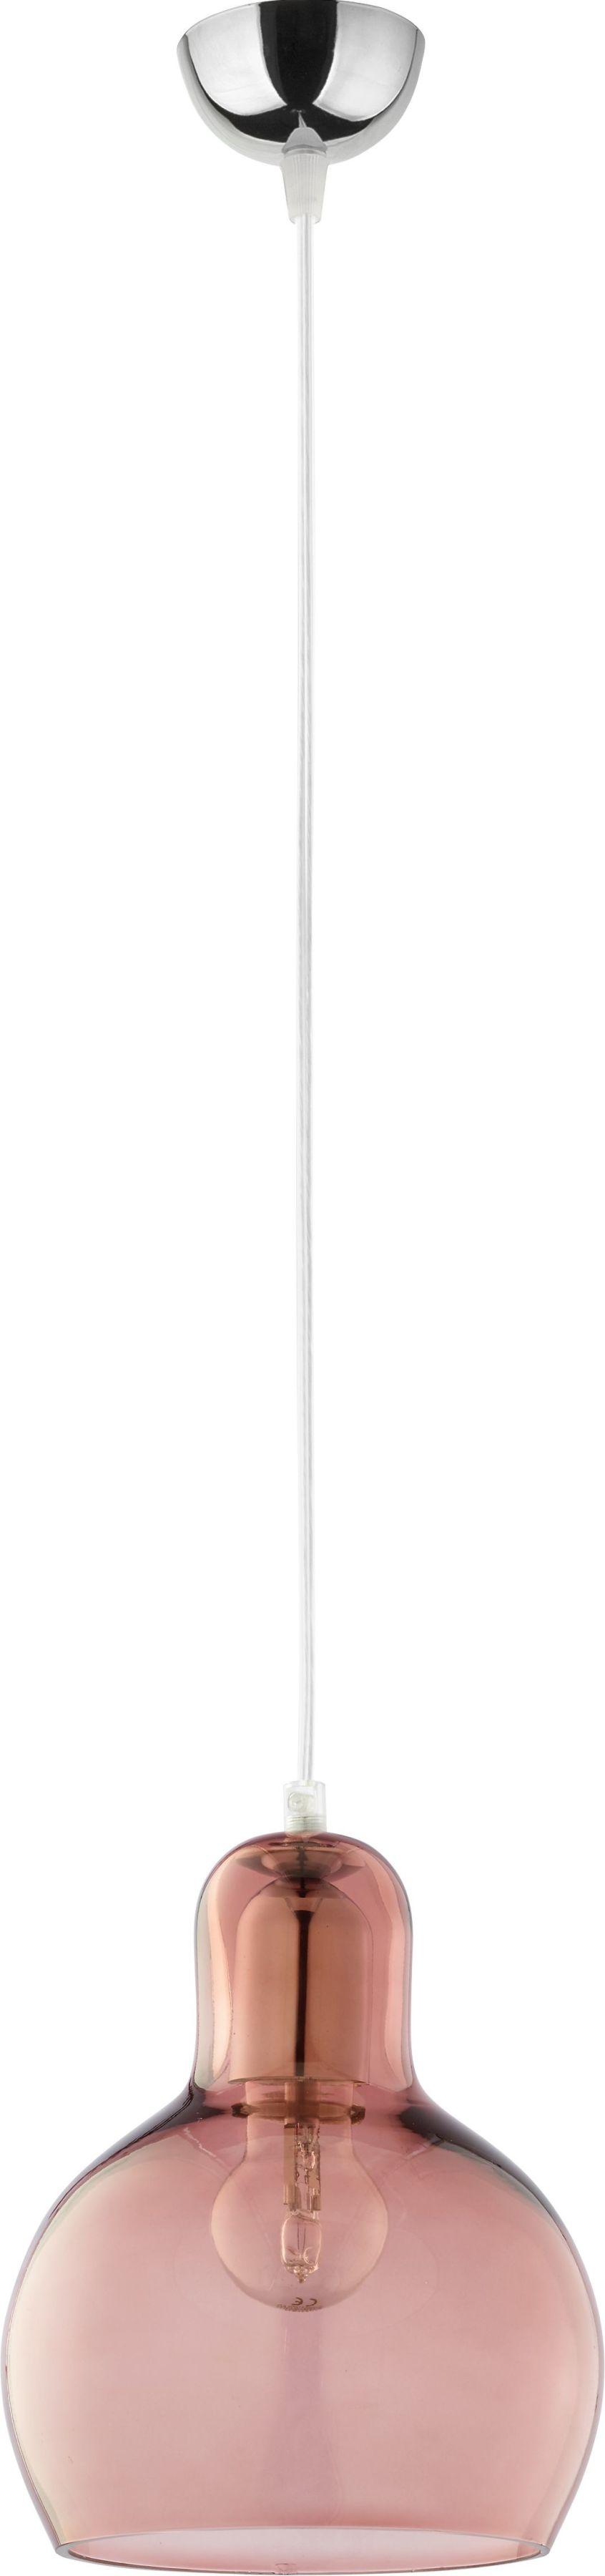 Mango lampa wisząca 1-punktowa różowa 588